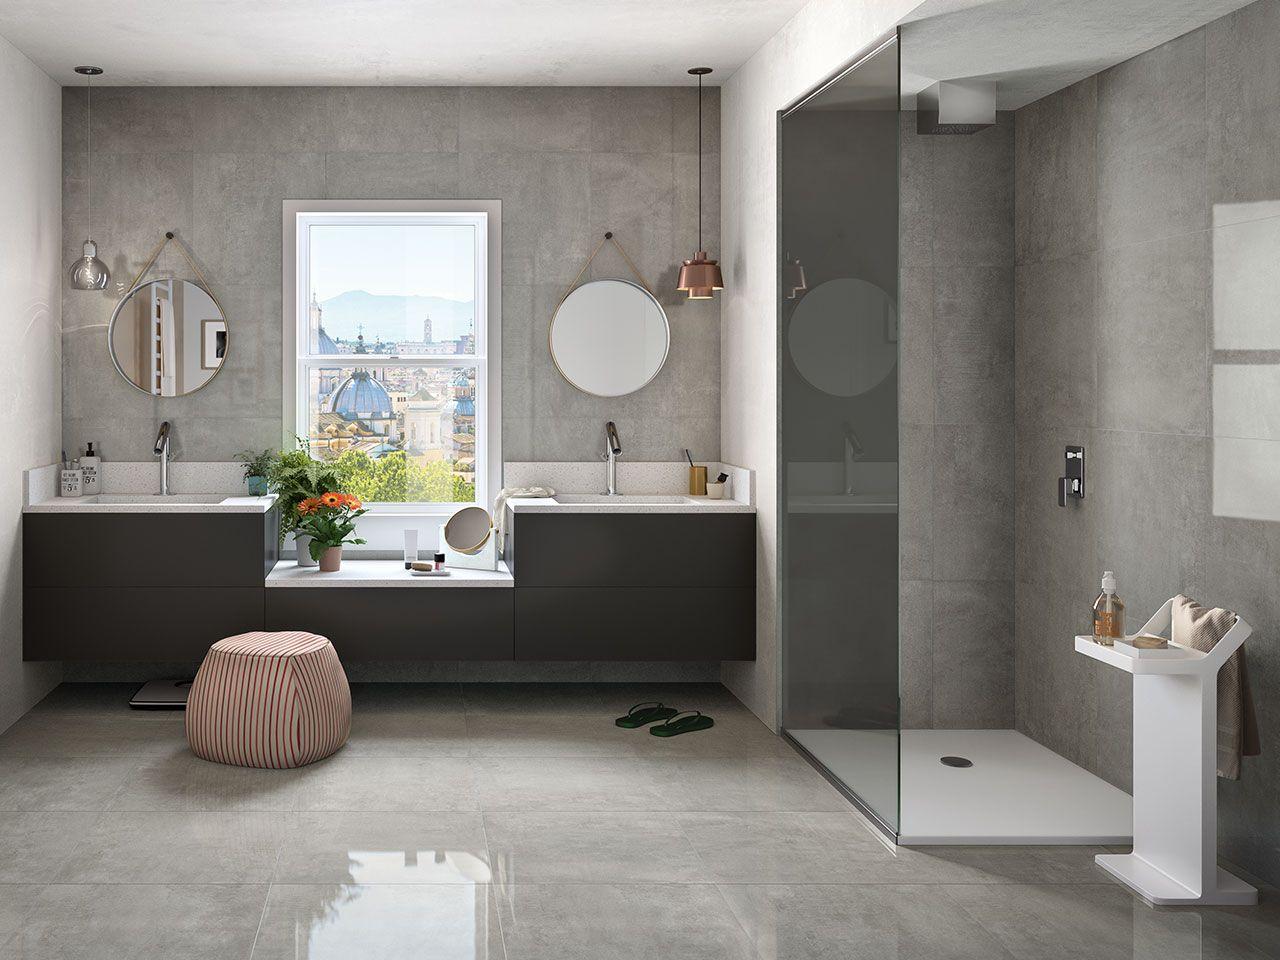 Piastrella Must Grey 60x60 Lappato Gres Effetto Cemento Grigio